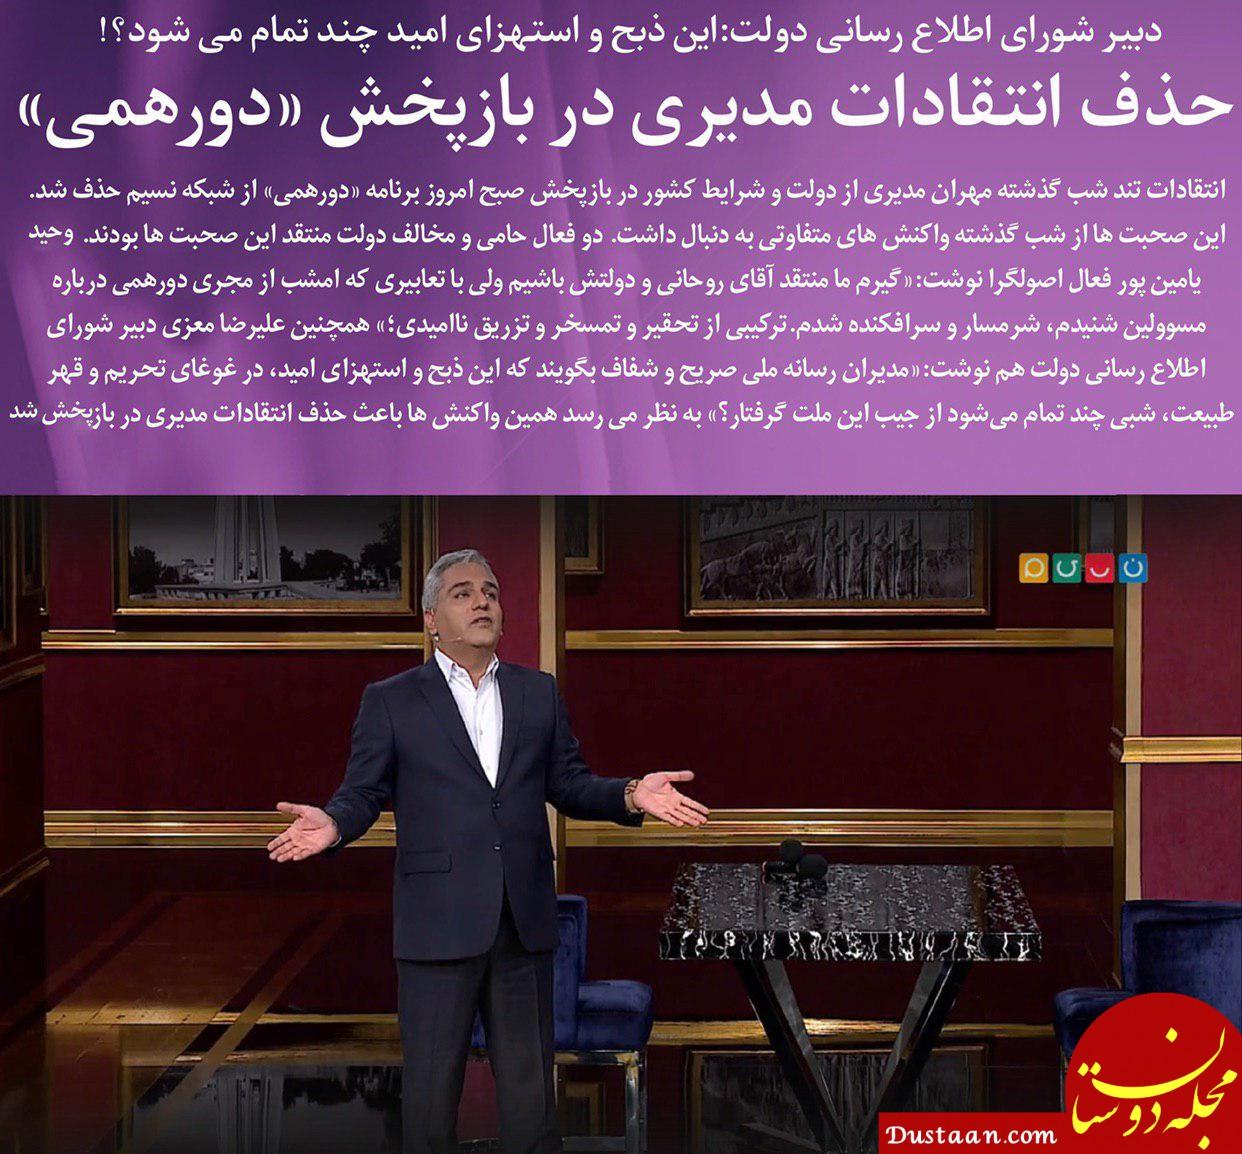 www.dustaan.com حذف انتقادات مهران مدیری در بازپخش «دورهمی»